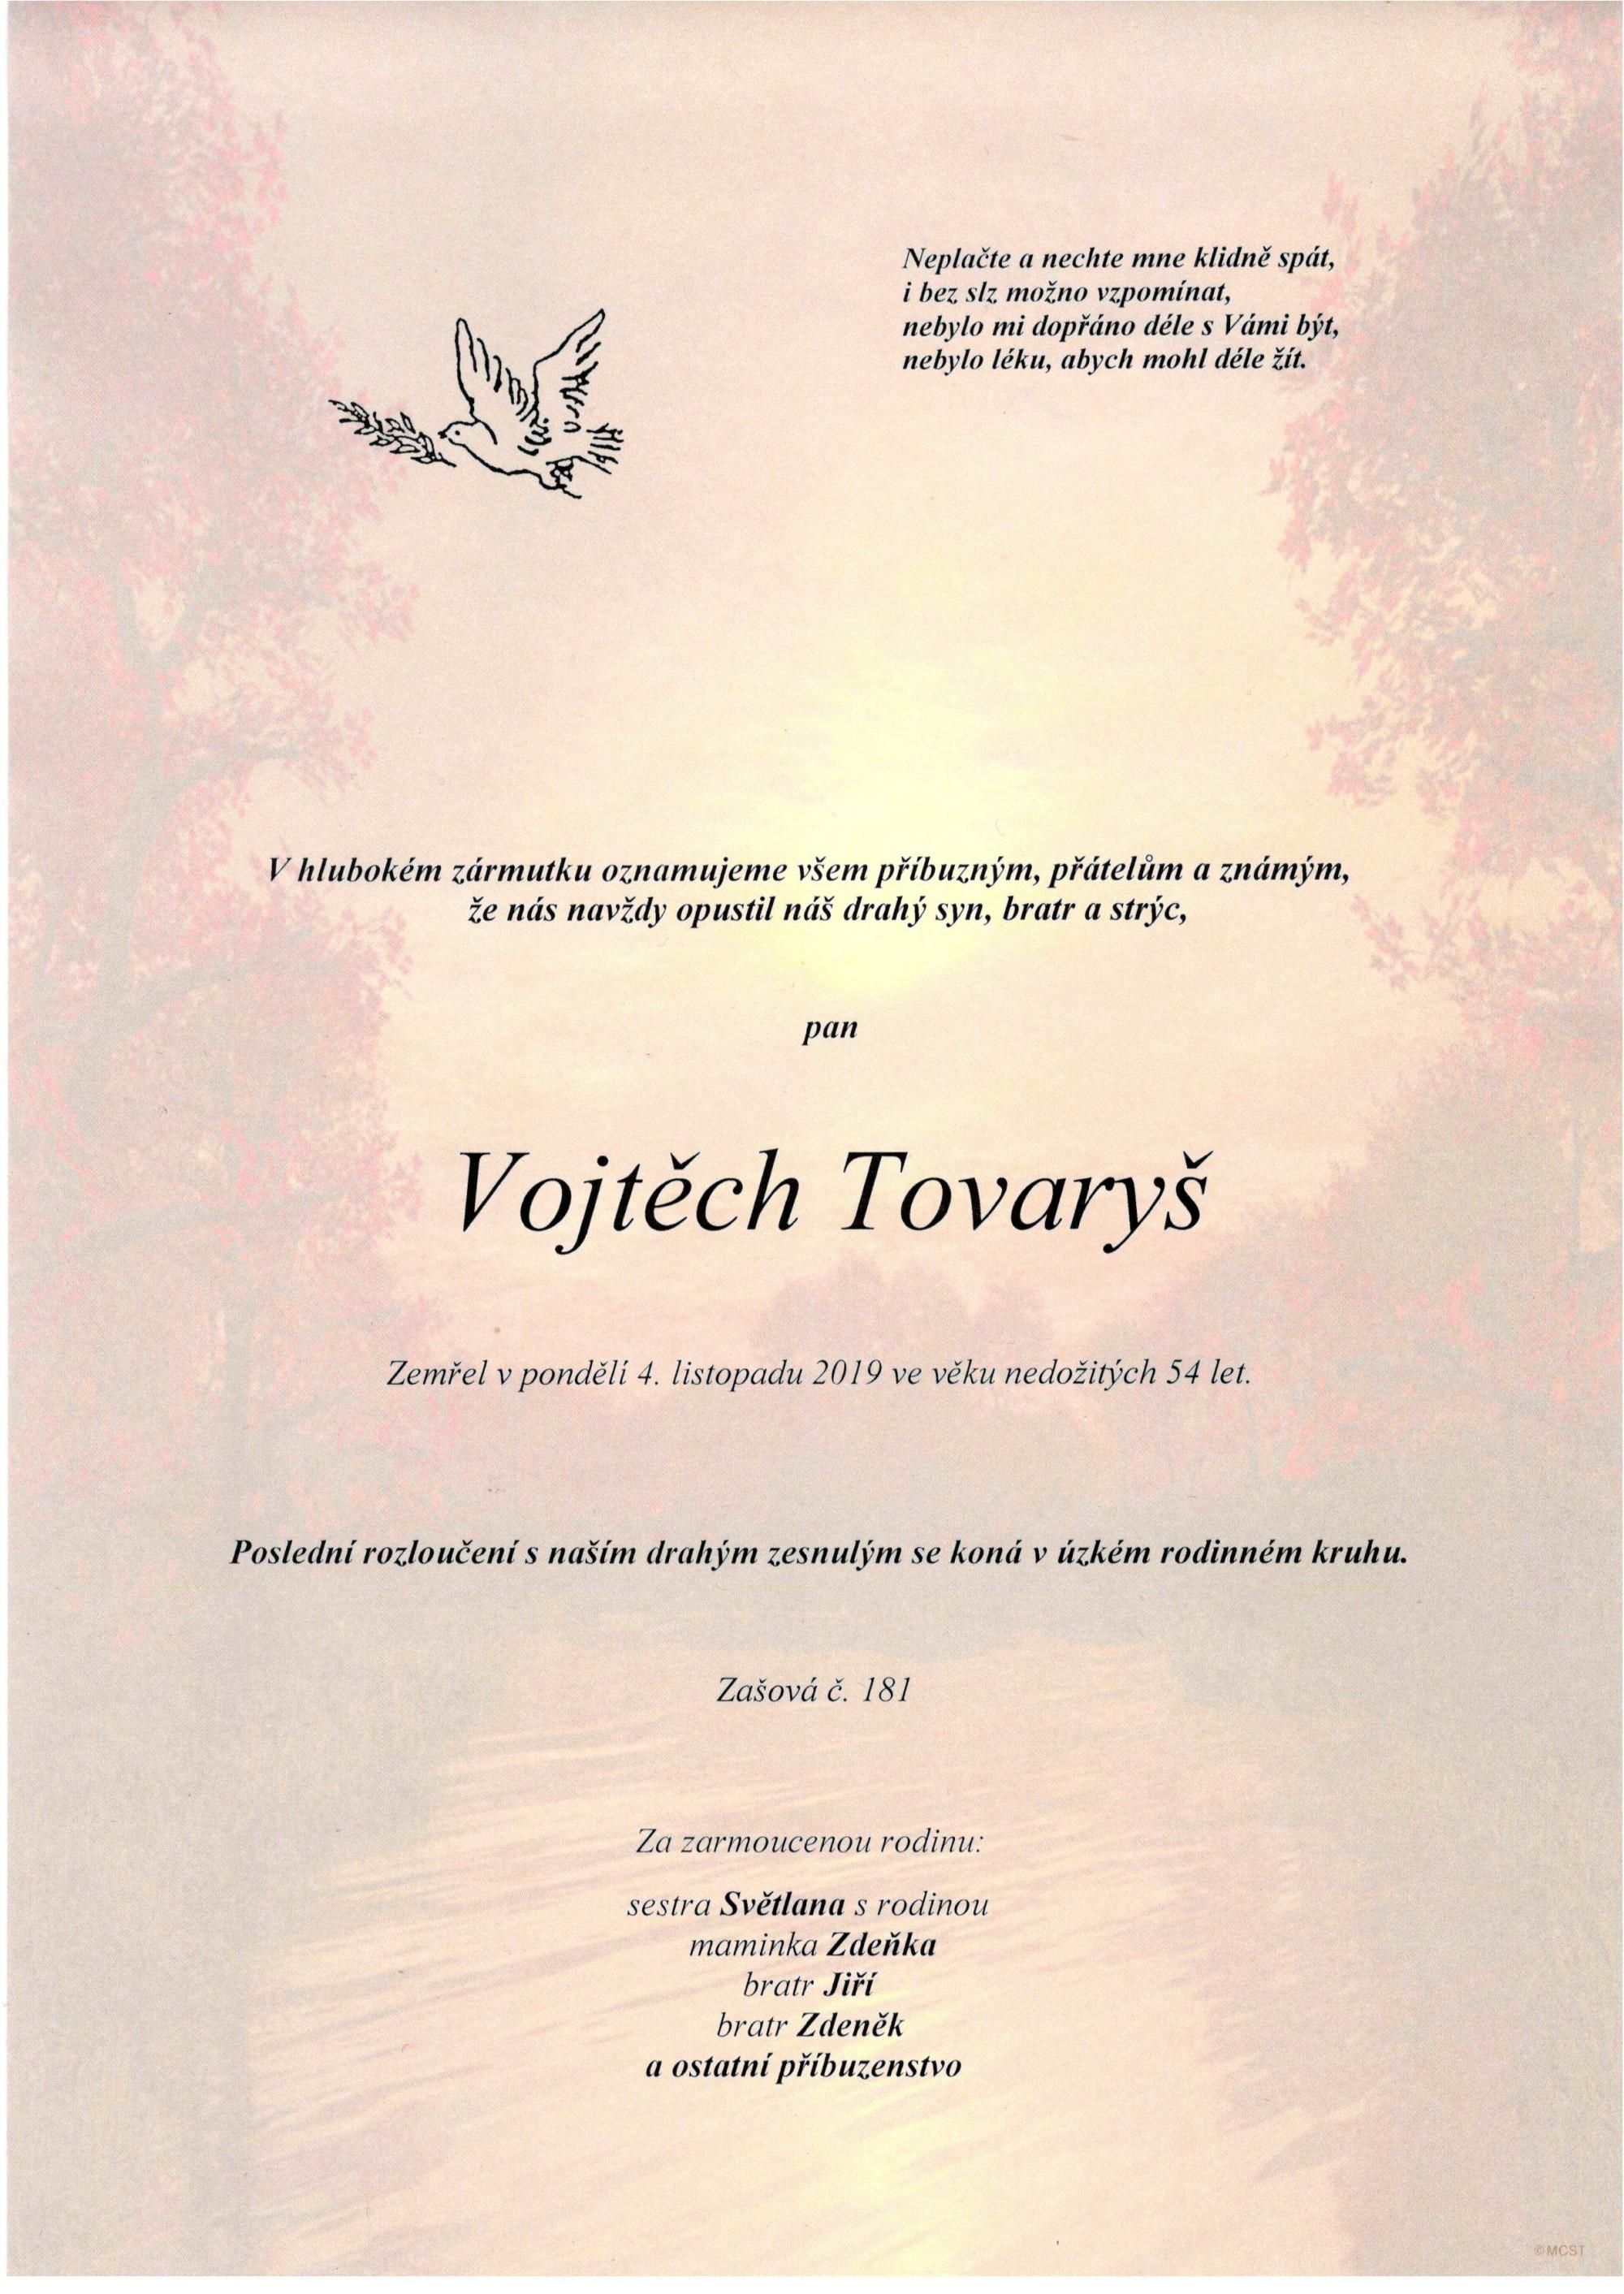 Vojtěch Tovaryš